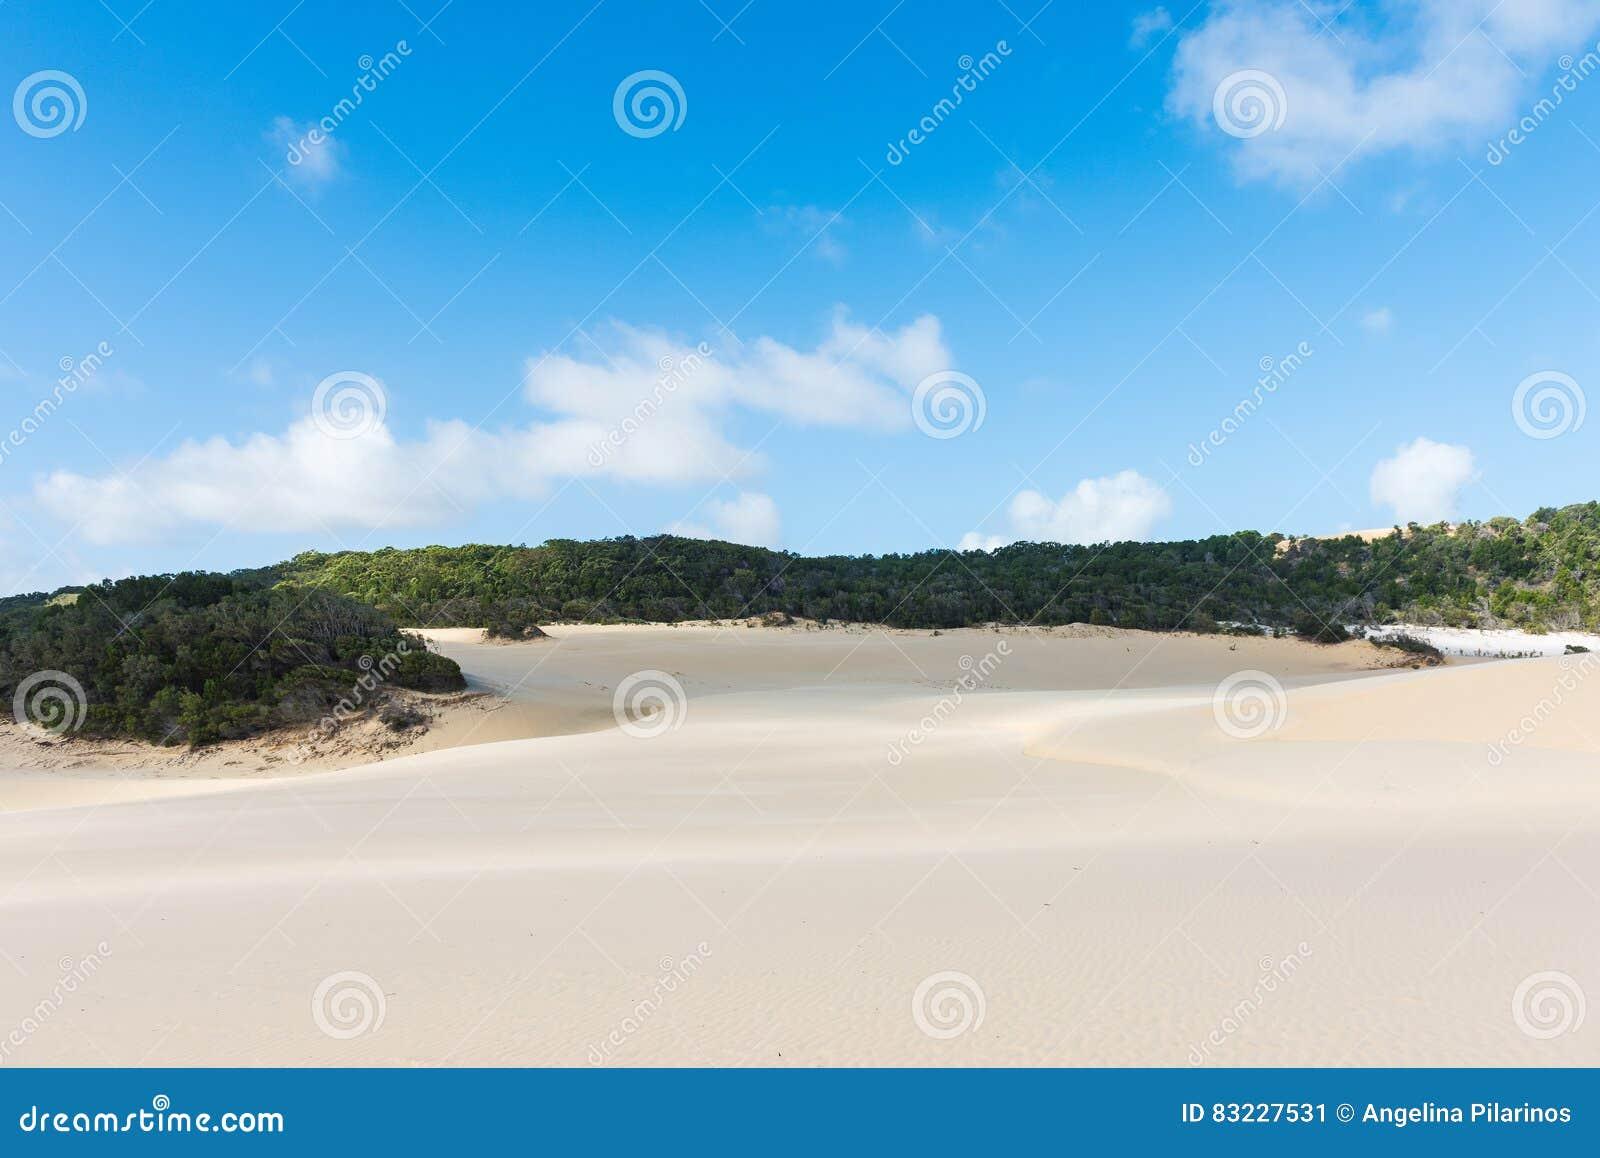 Dunas de arena del desierto de Fraser Island en Australia